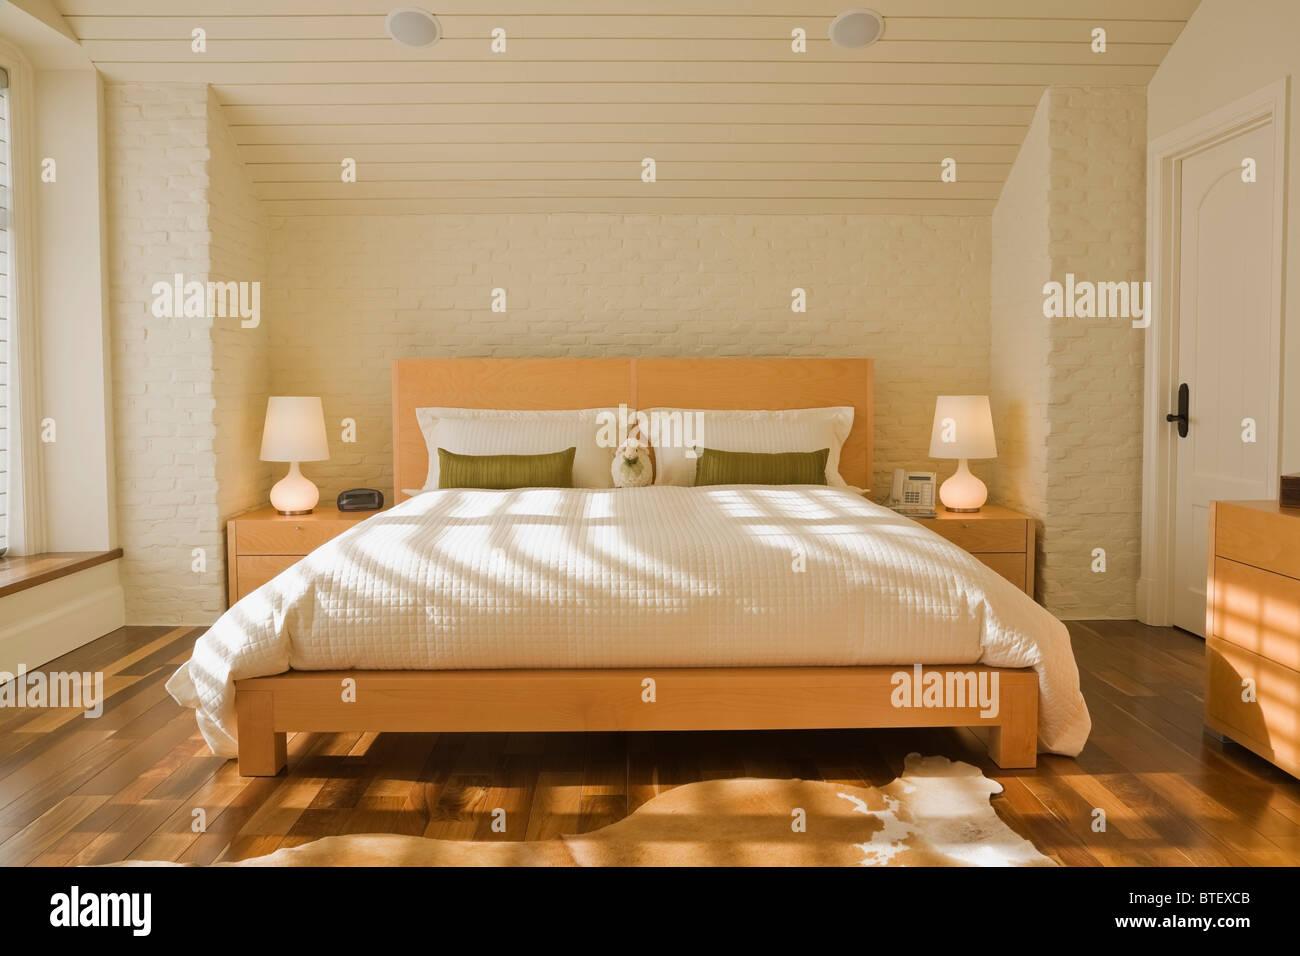 Hauptschlafzimmer mit Kingsize-Bett in luxuriösen Haus Stockbild